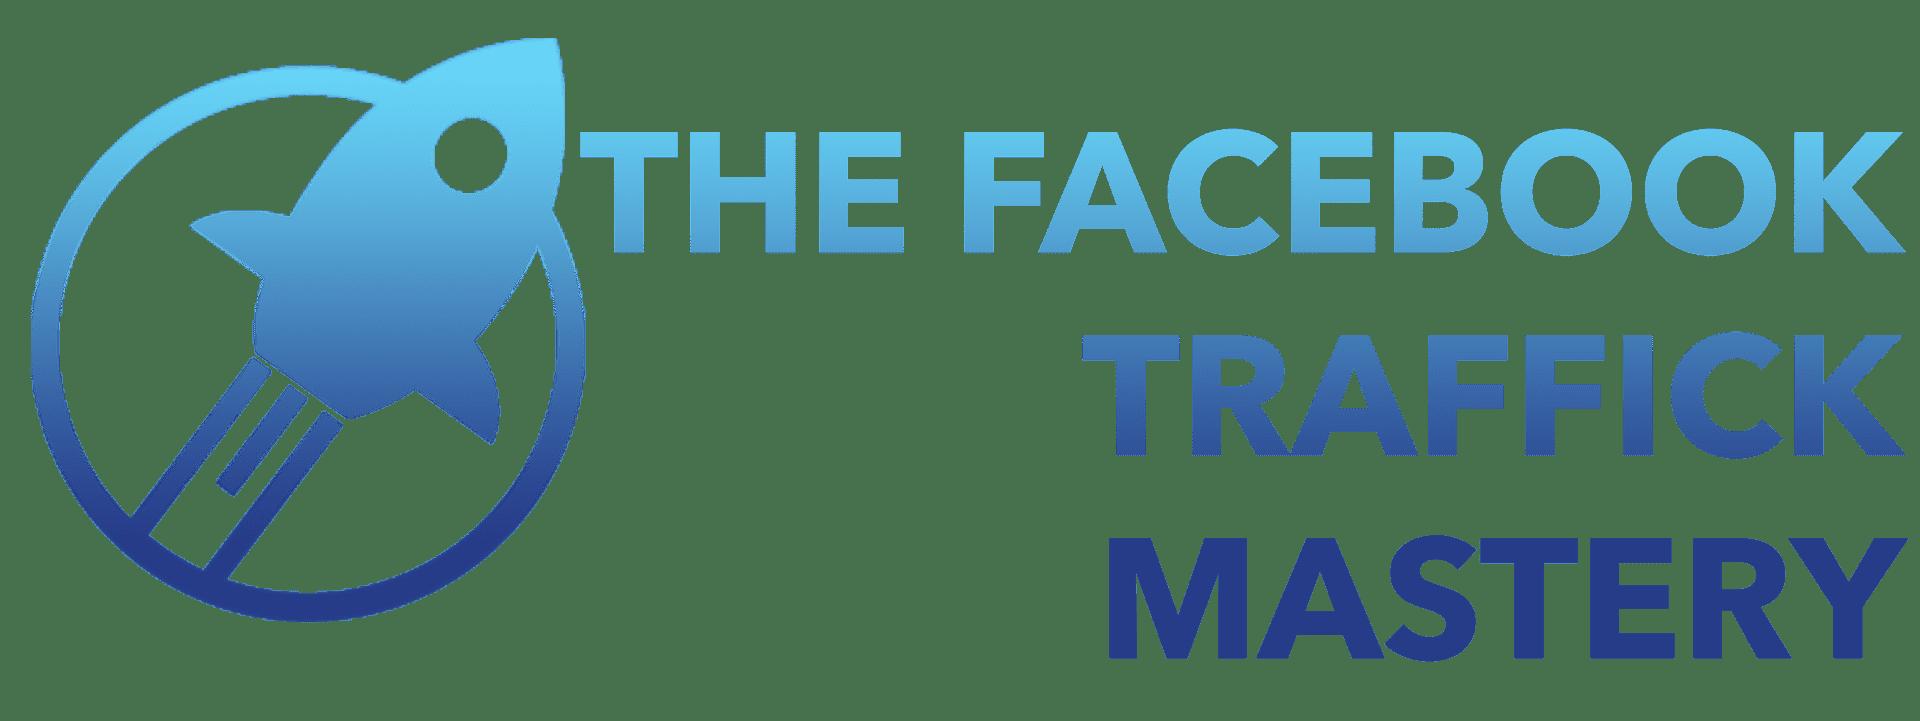 Curso The Facebook Traffick Mastery – Carlos Muñoz